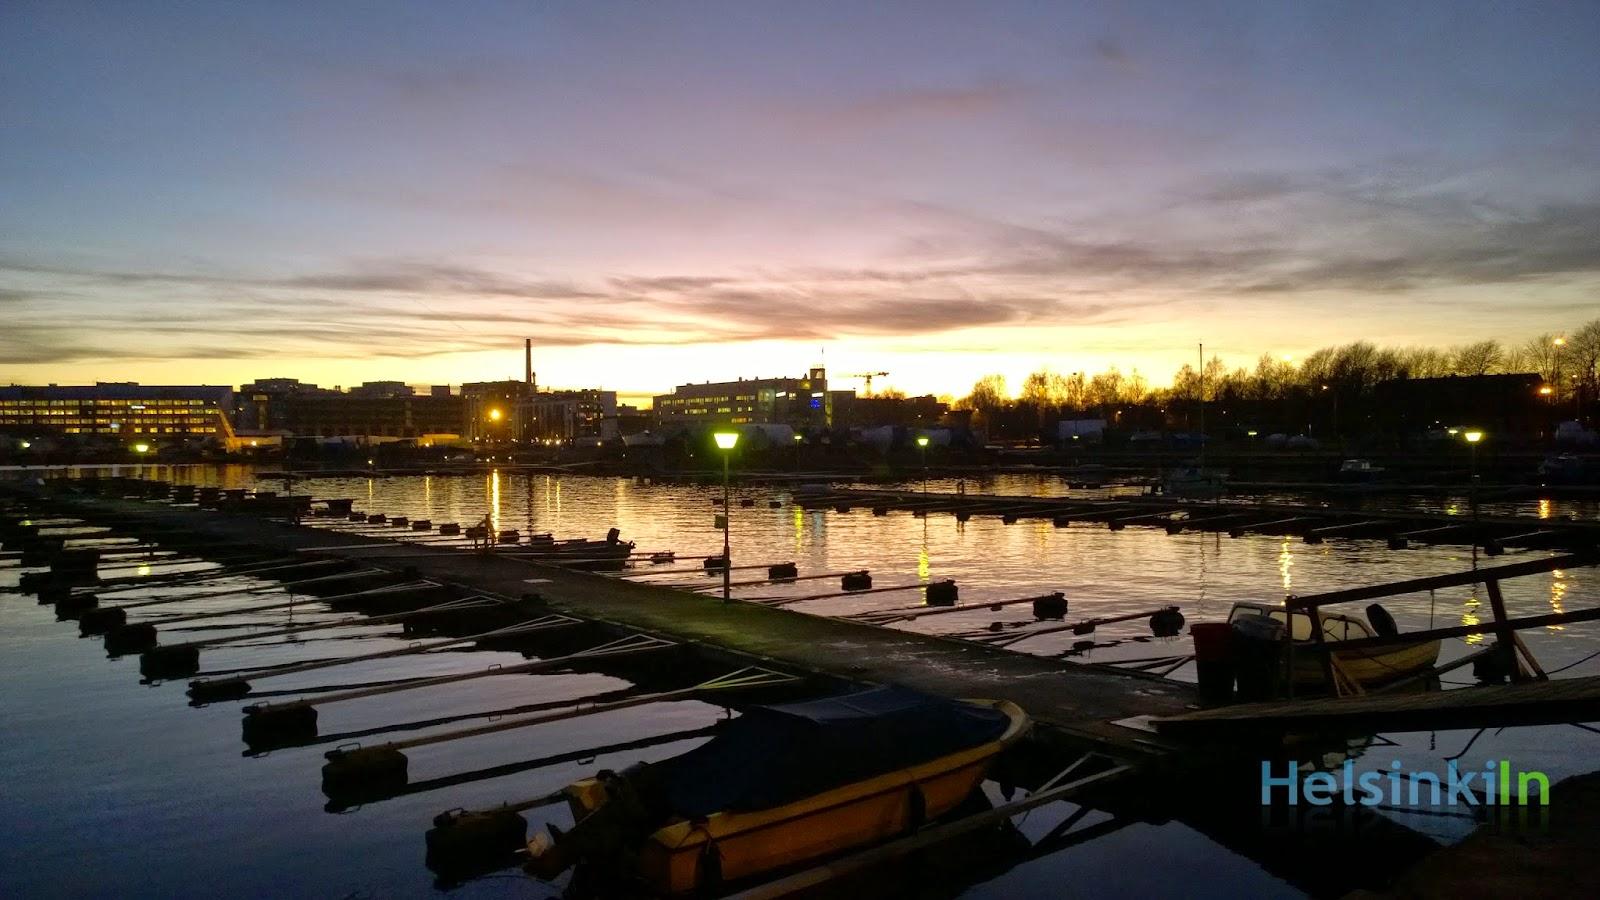 Sunset over harbor in Lauttasaari